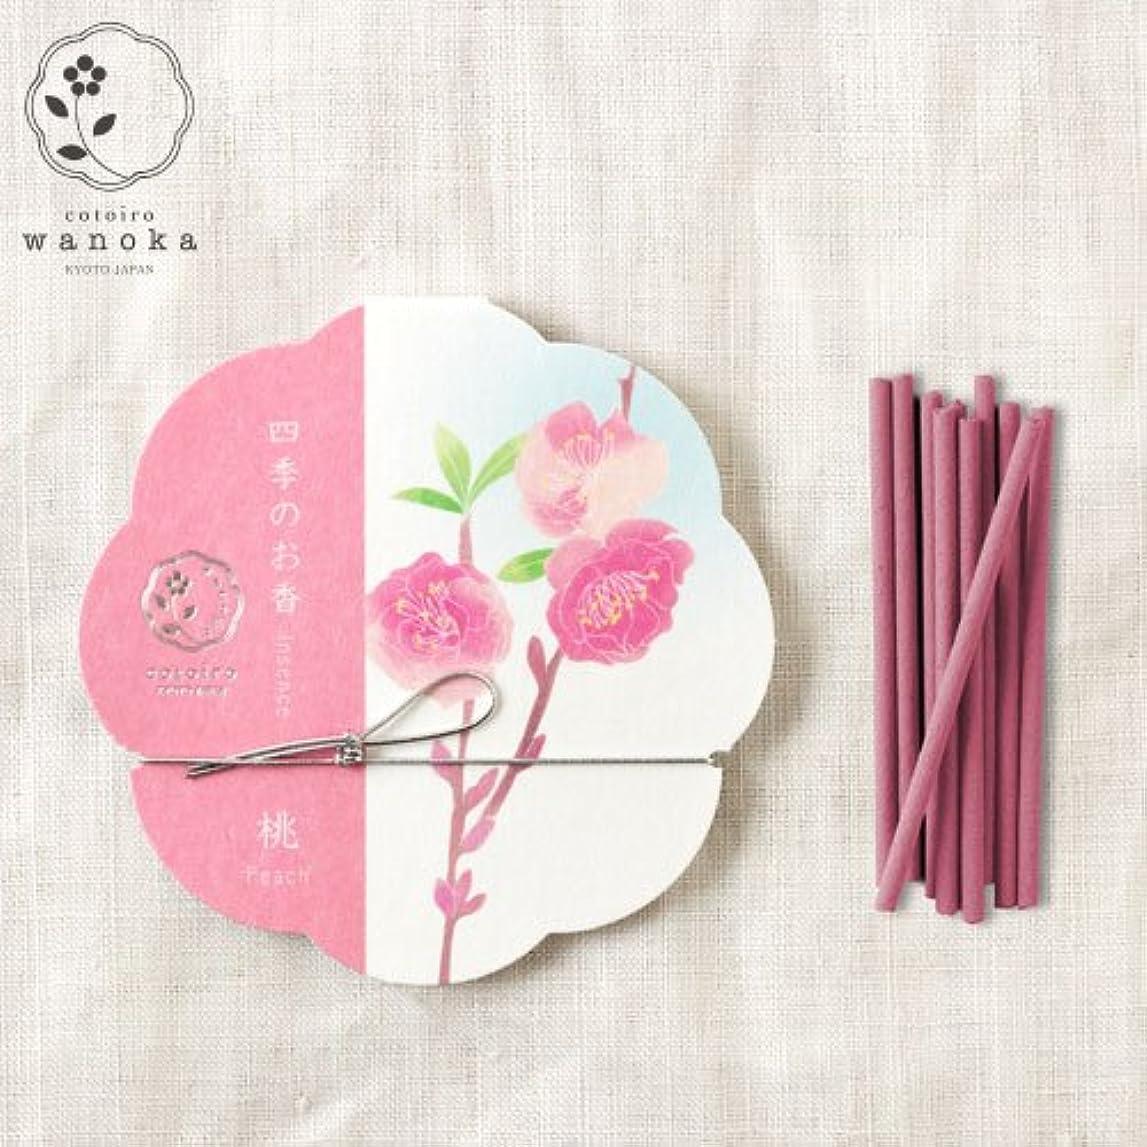 対話あたりヘビwanoka四季のお香(インセンス)桃《桃のお花をイメージした甘い香り》ART LABIncense stick